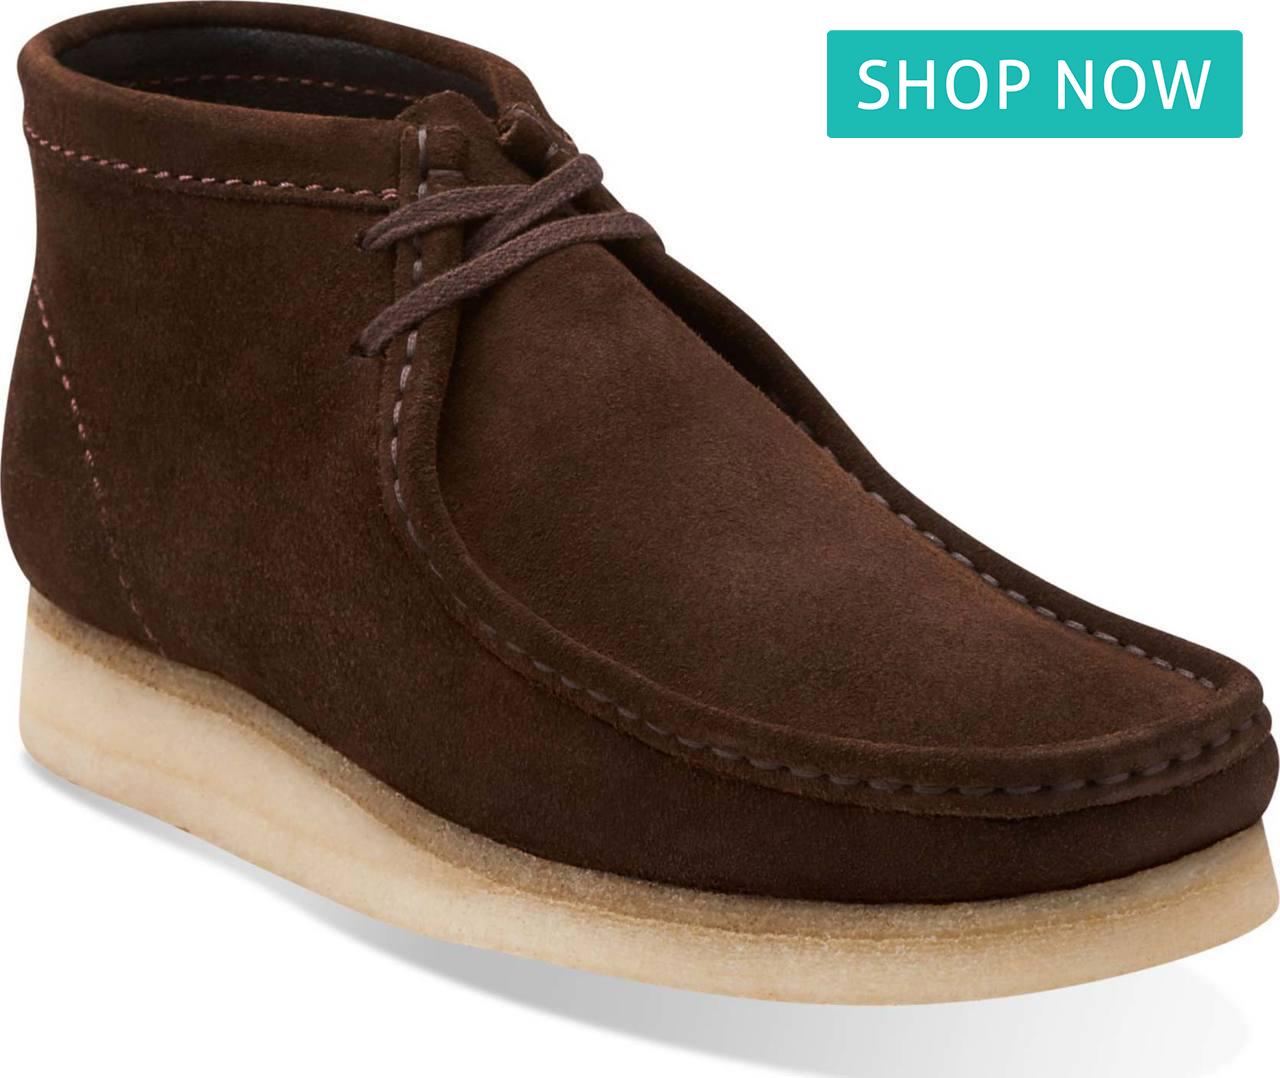 Clarks Men's Wallabee Boot in Brown Suede